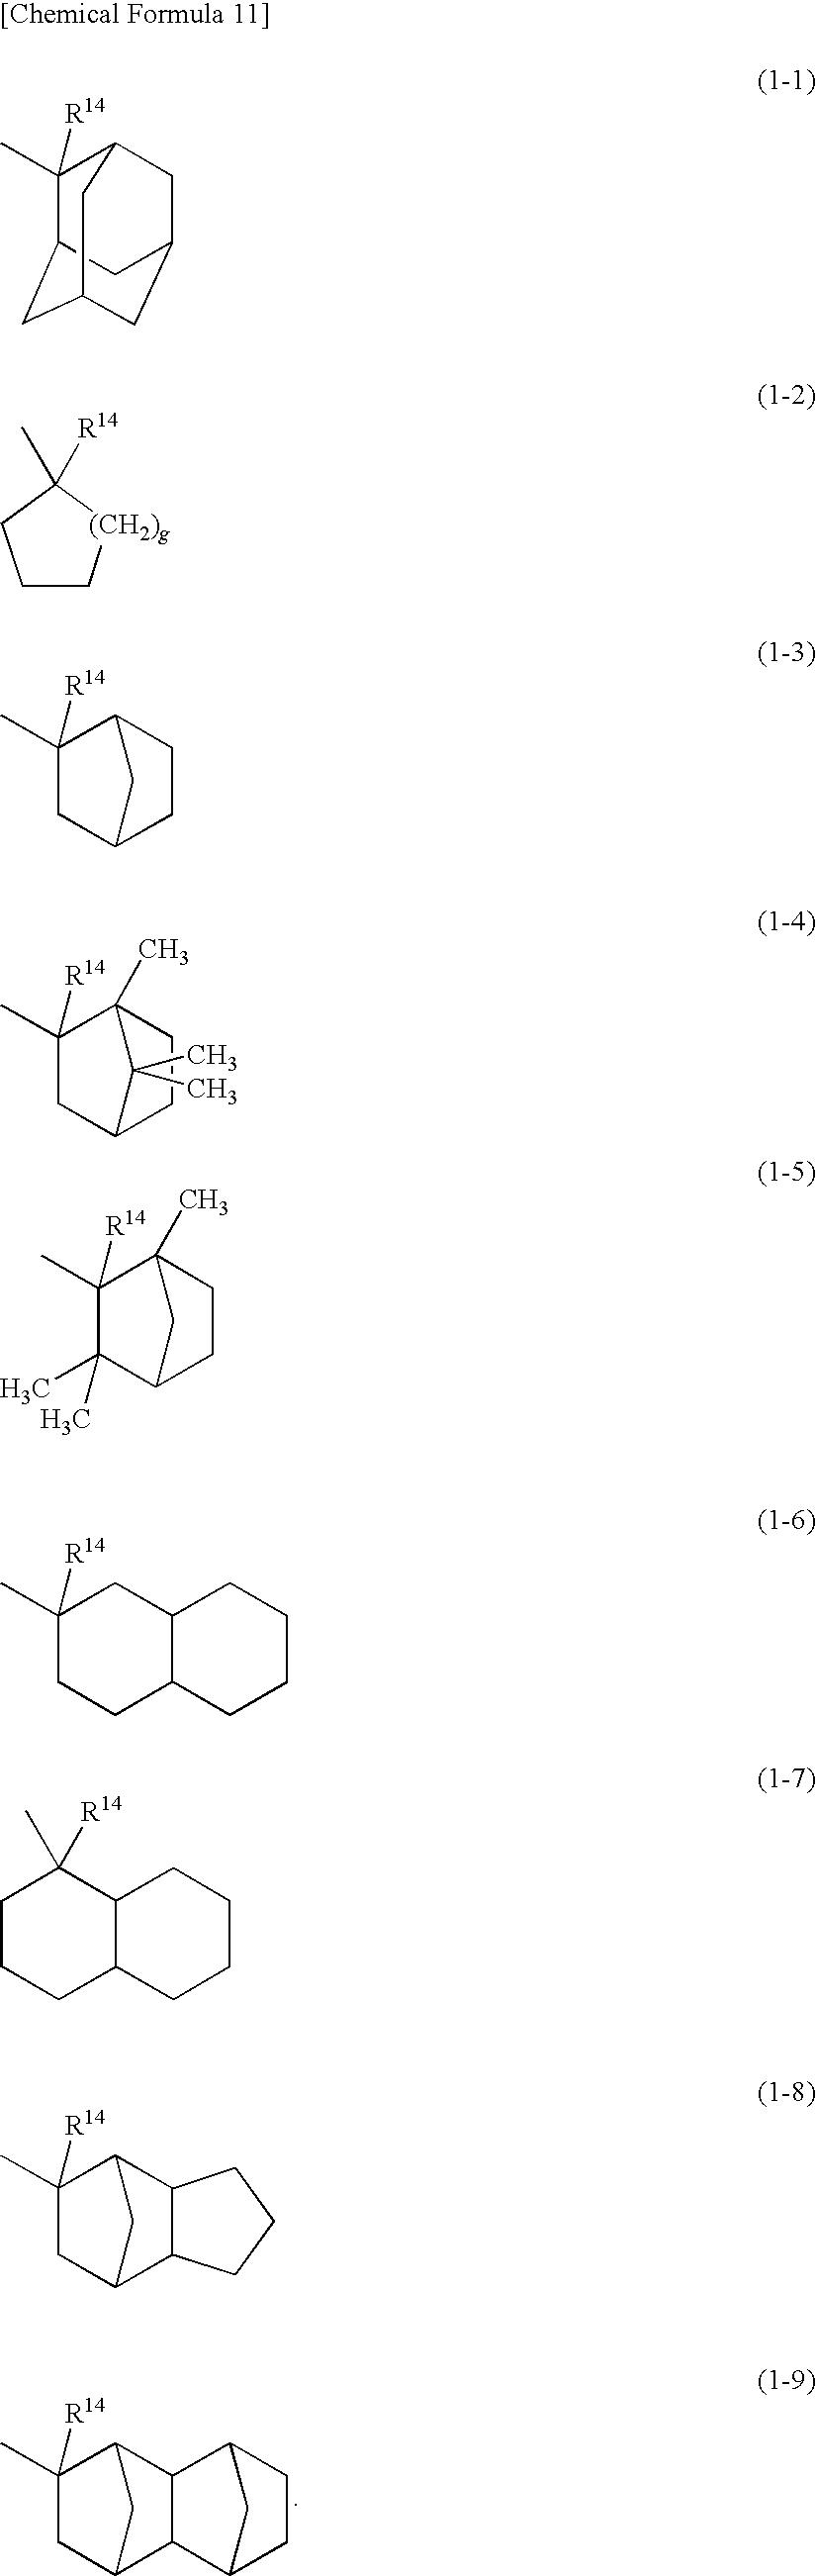 Figure US20100196821A1-20100805-C00013